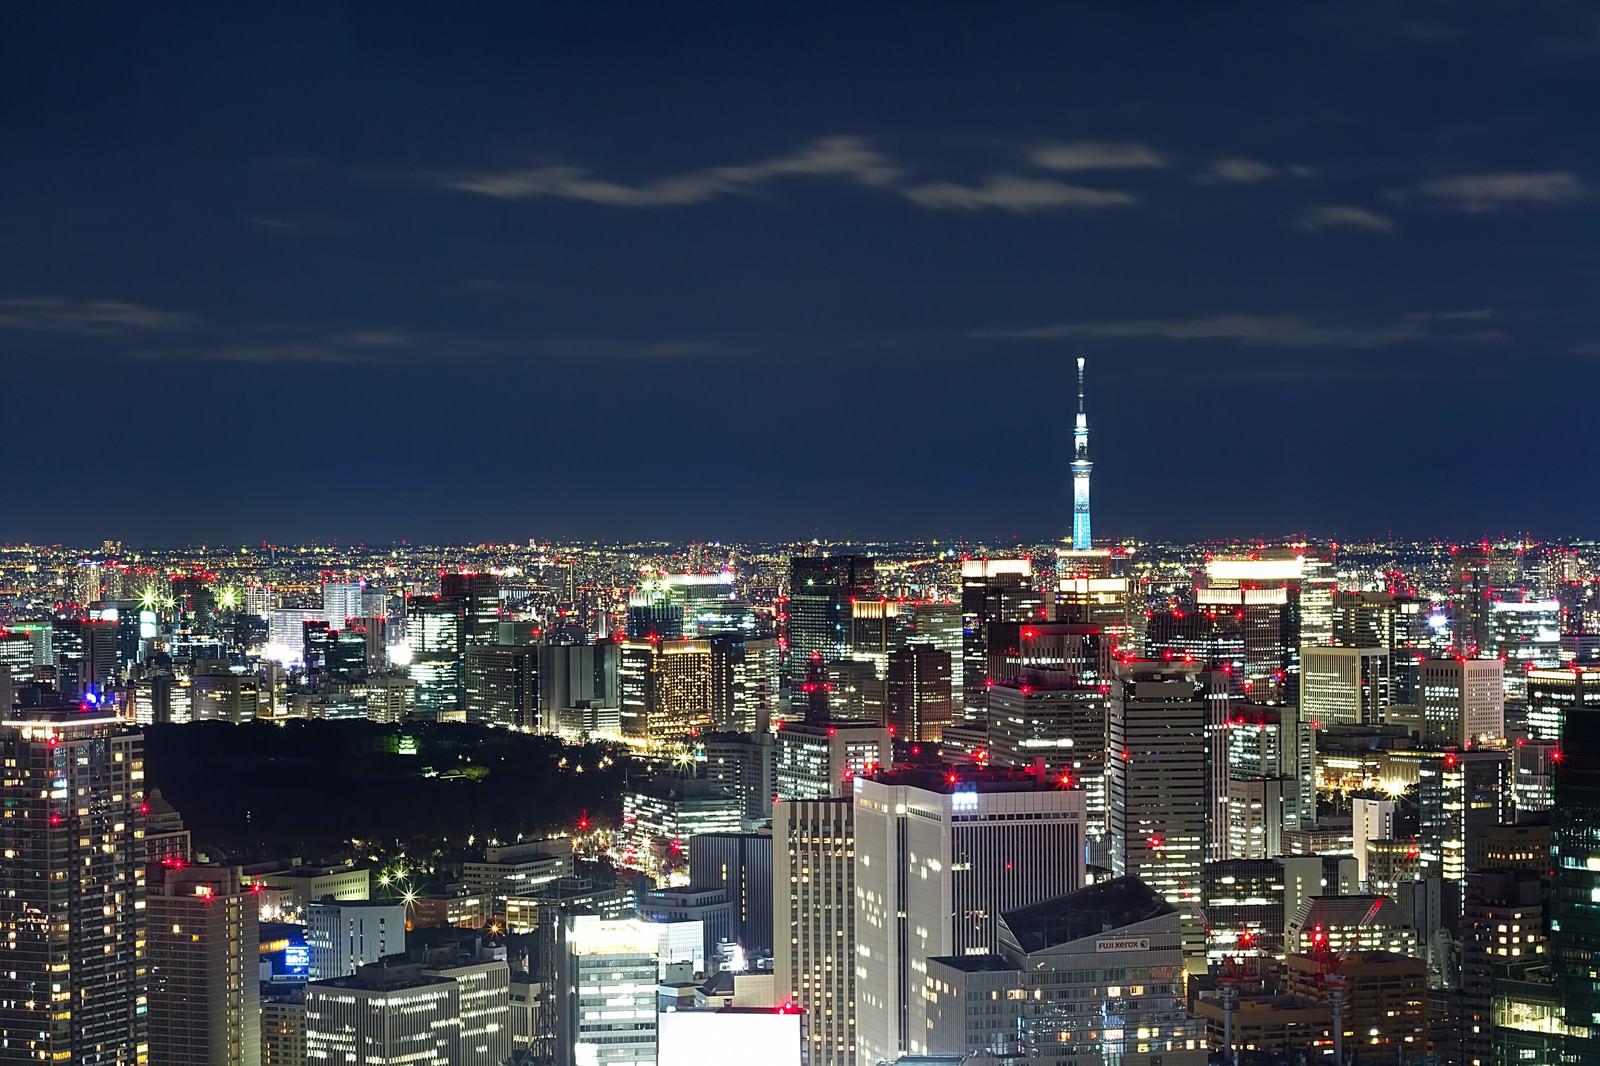 「スカイツリーと東京の夜景(六本木ヒルズ展望台から)スカイツリーと東京の夜景(六本木ヒルズ展望台から)」のフリー写真素材を拡大